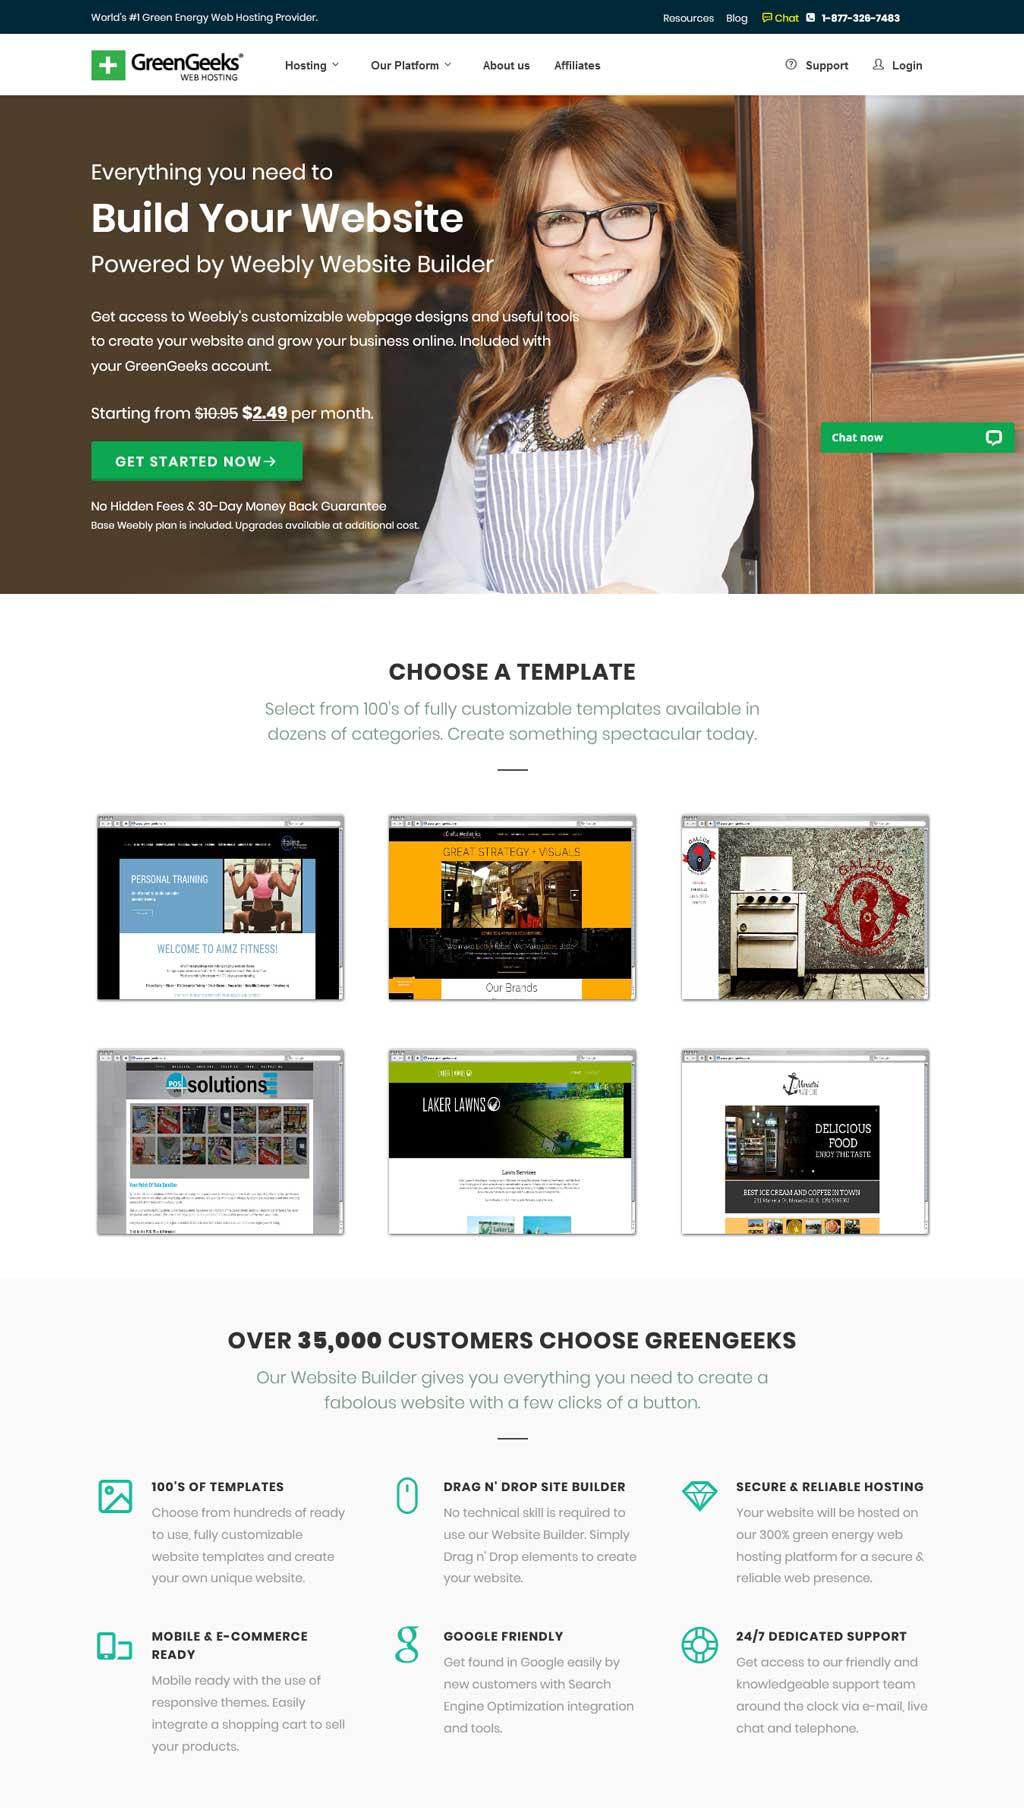 greengeeks website builder